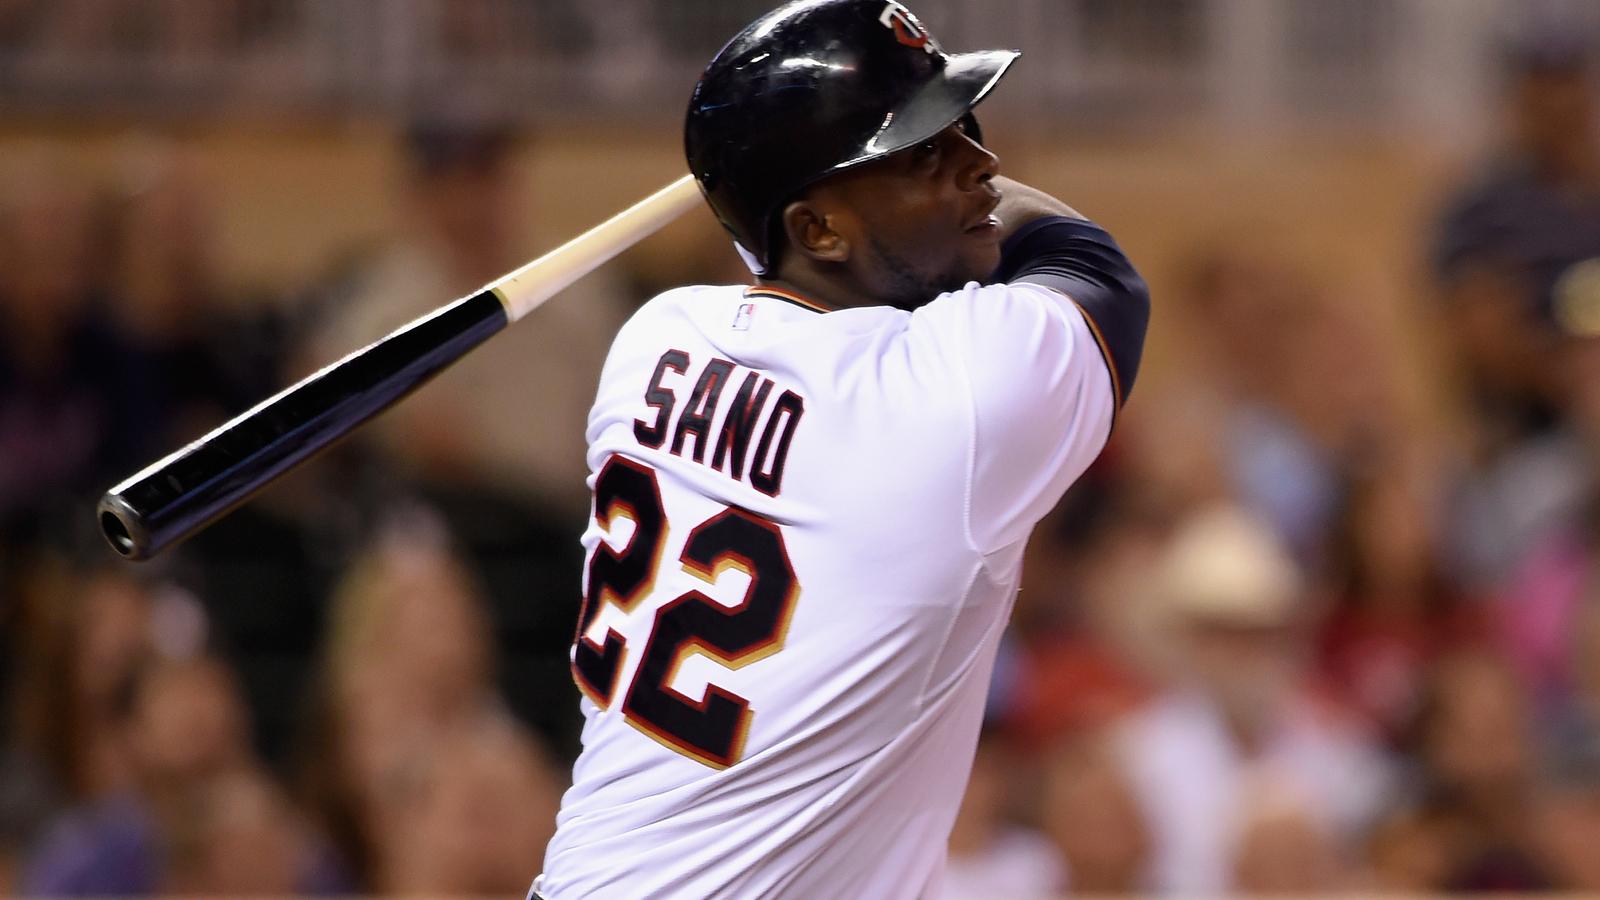 MLB Quick Hits: Twins' Sano keeps mashing